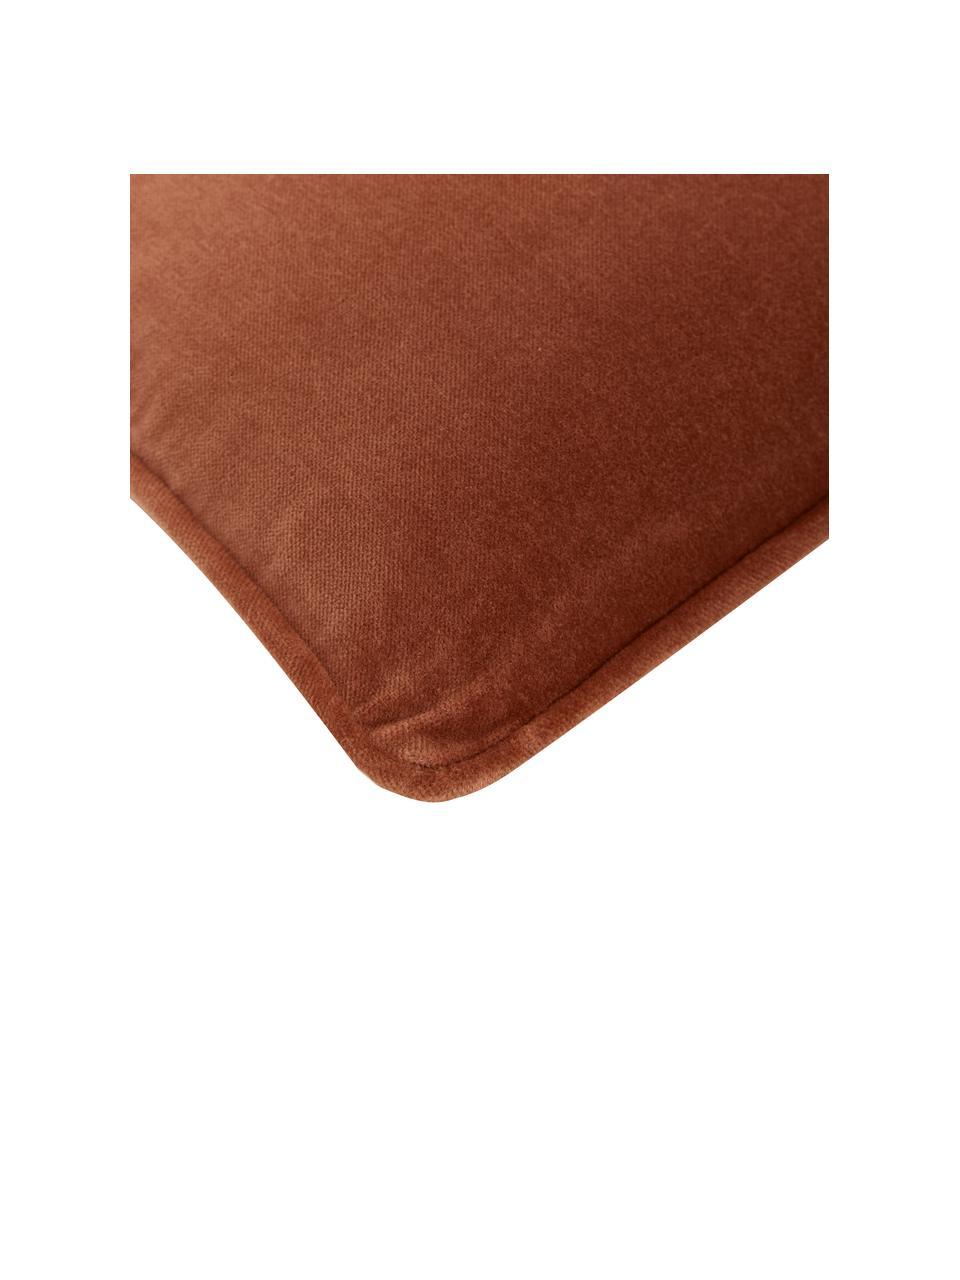 Poszewka na poduszkę z aksamitu Dana, 100% aksamit bawełniany, Czerwony, S 40 x D 40 cm